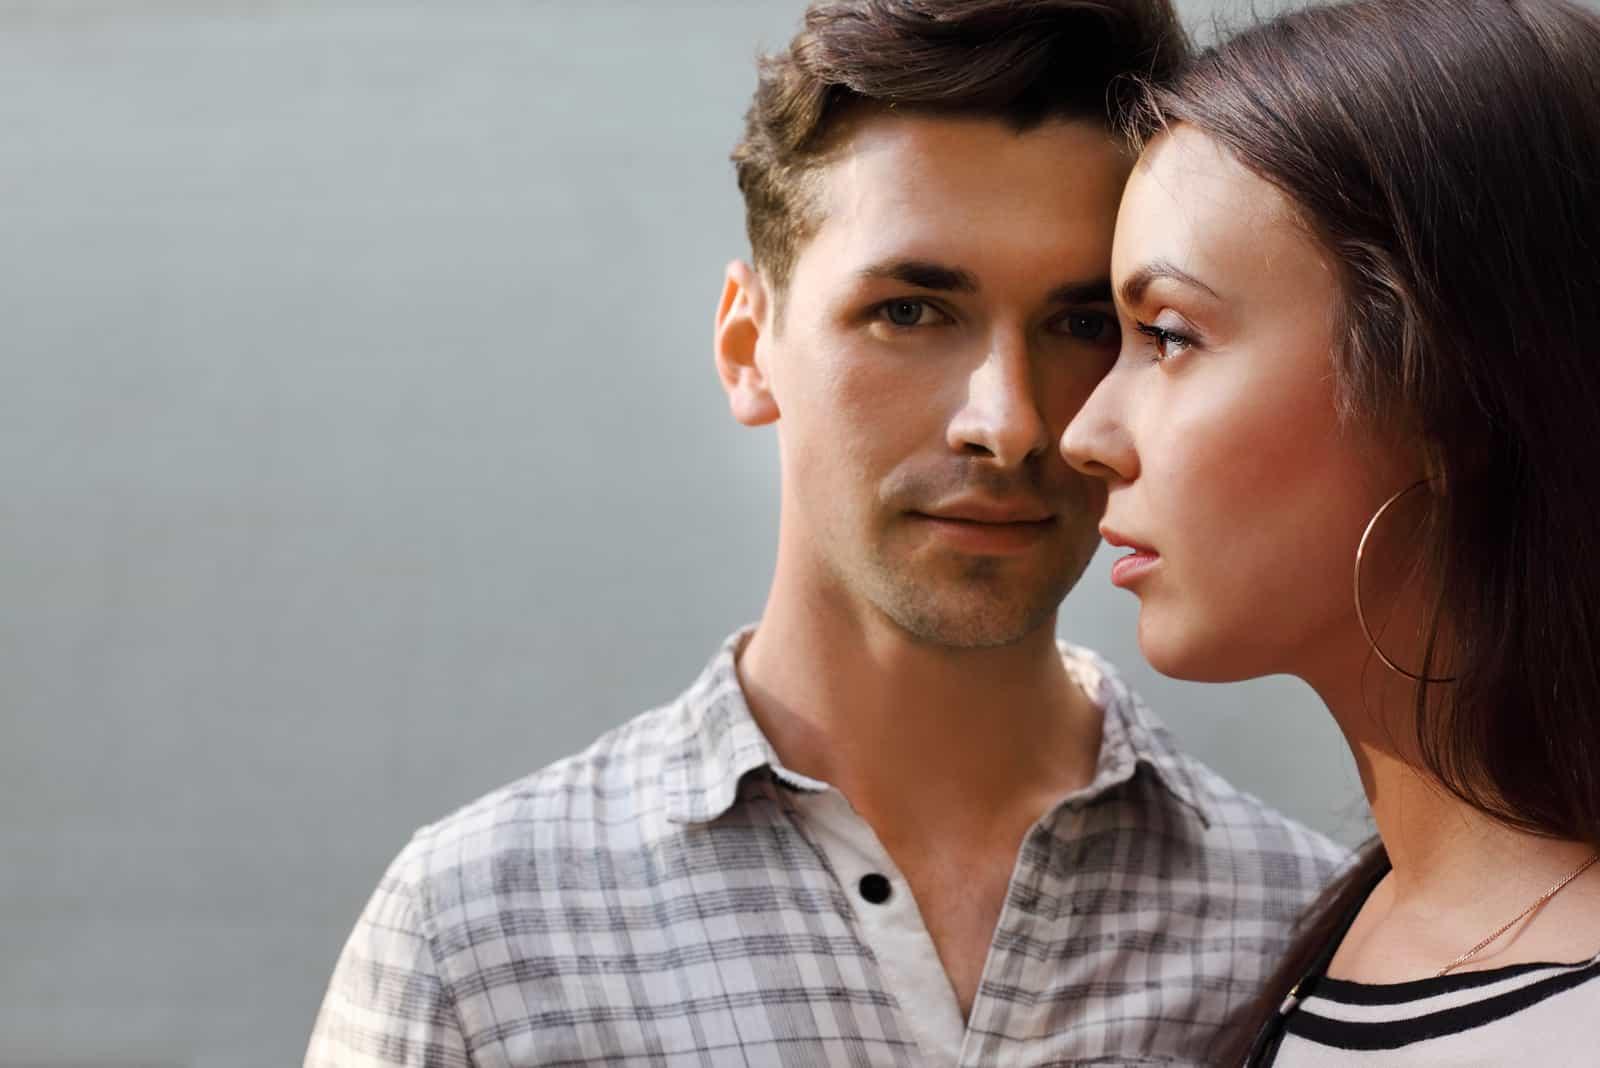 Härlig eftertänksam man och kvinna som står nära den gråa väggen